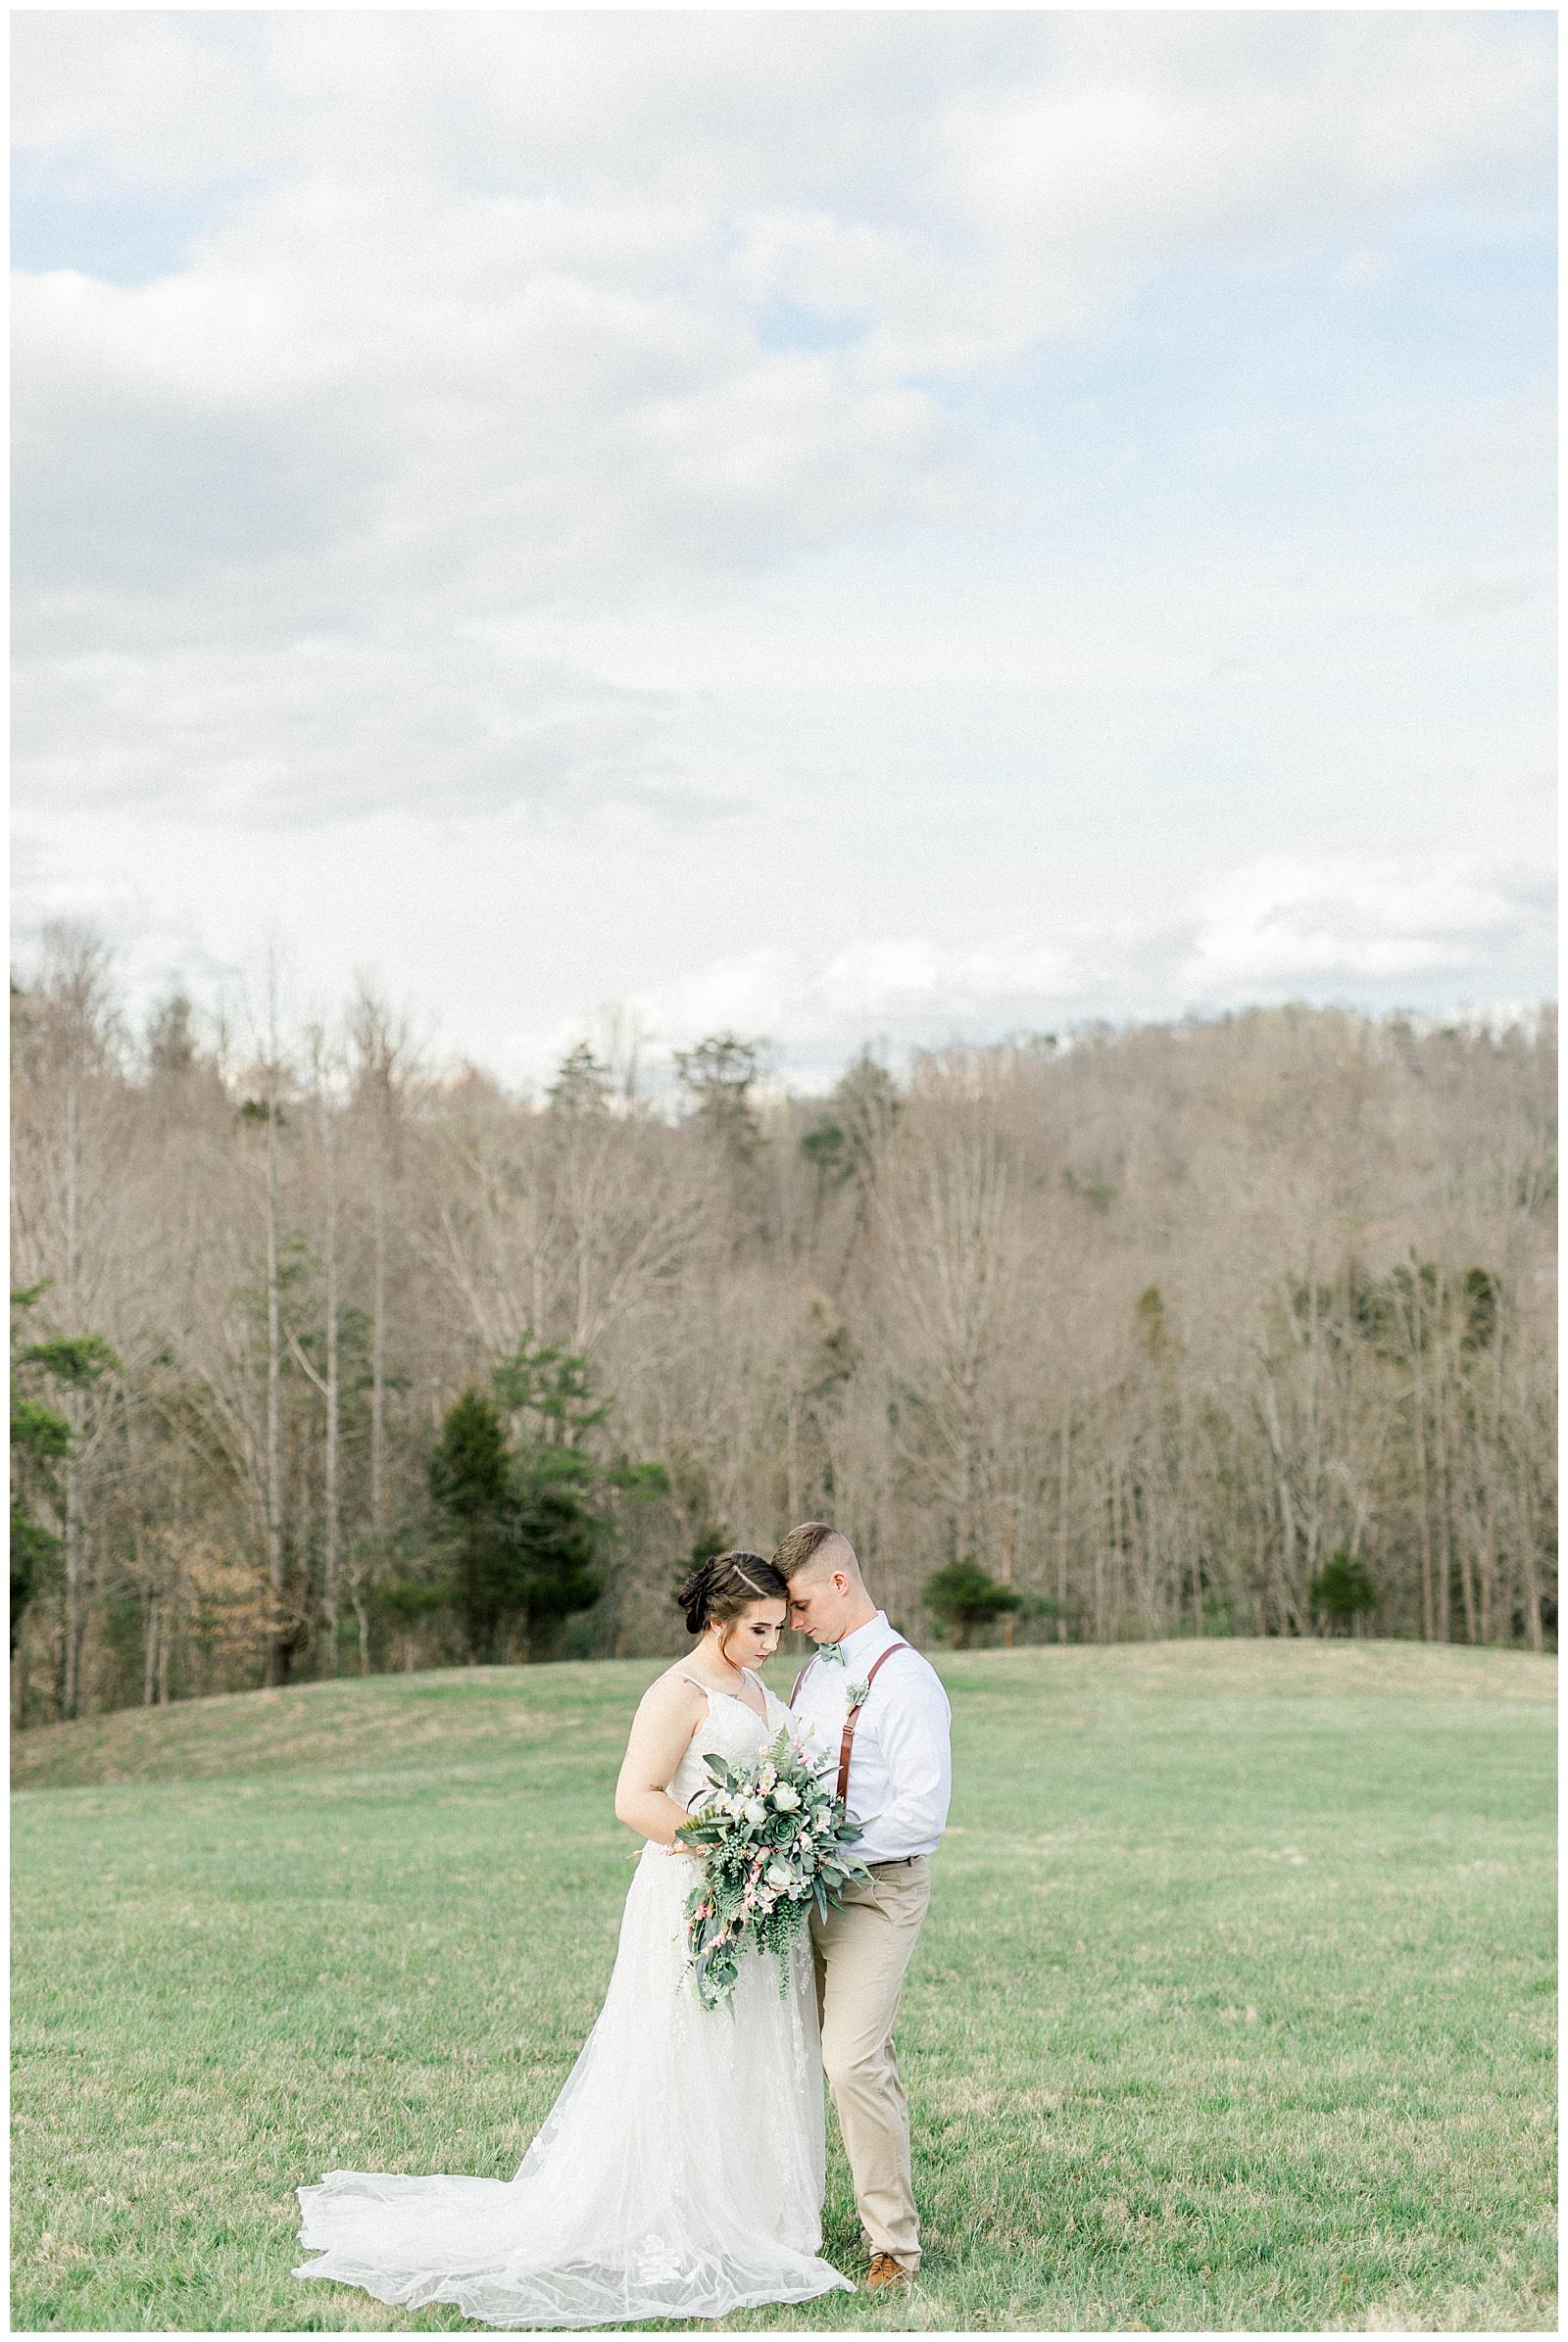 Lewis-Kara-Blakeman-Photography-Huntington-West-Virginia-Wedding-Barn-Olde-Homestead-31